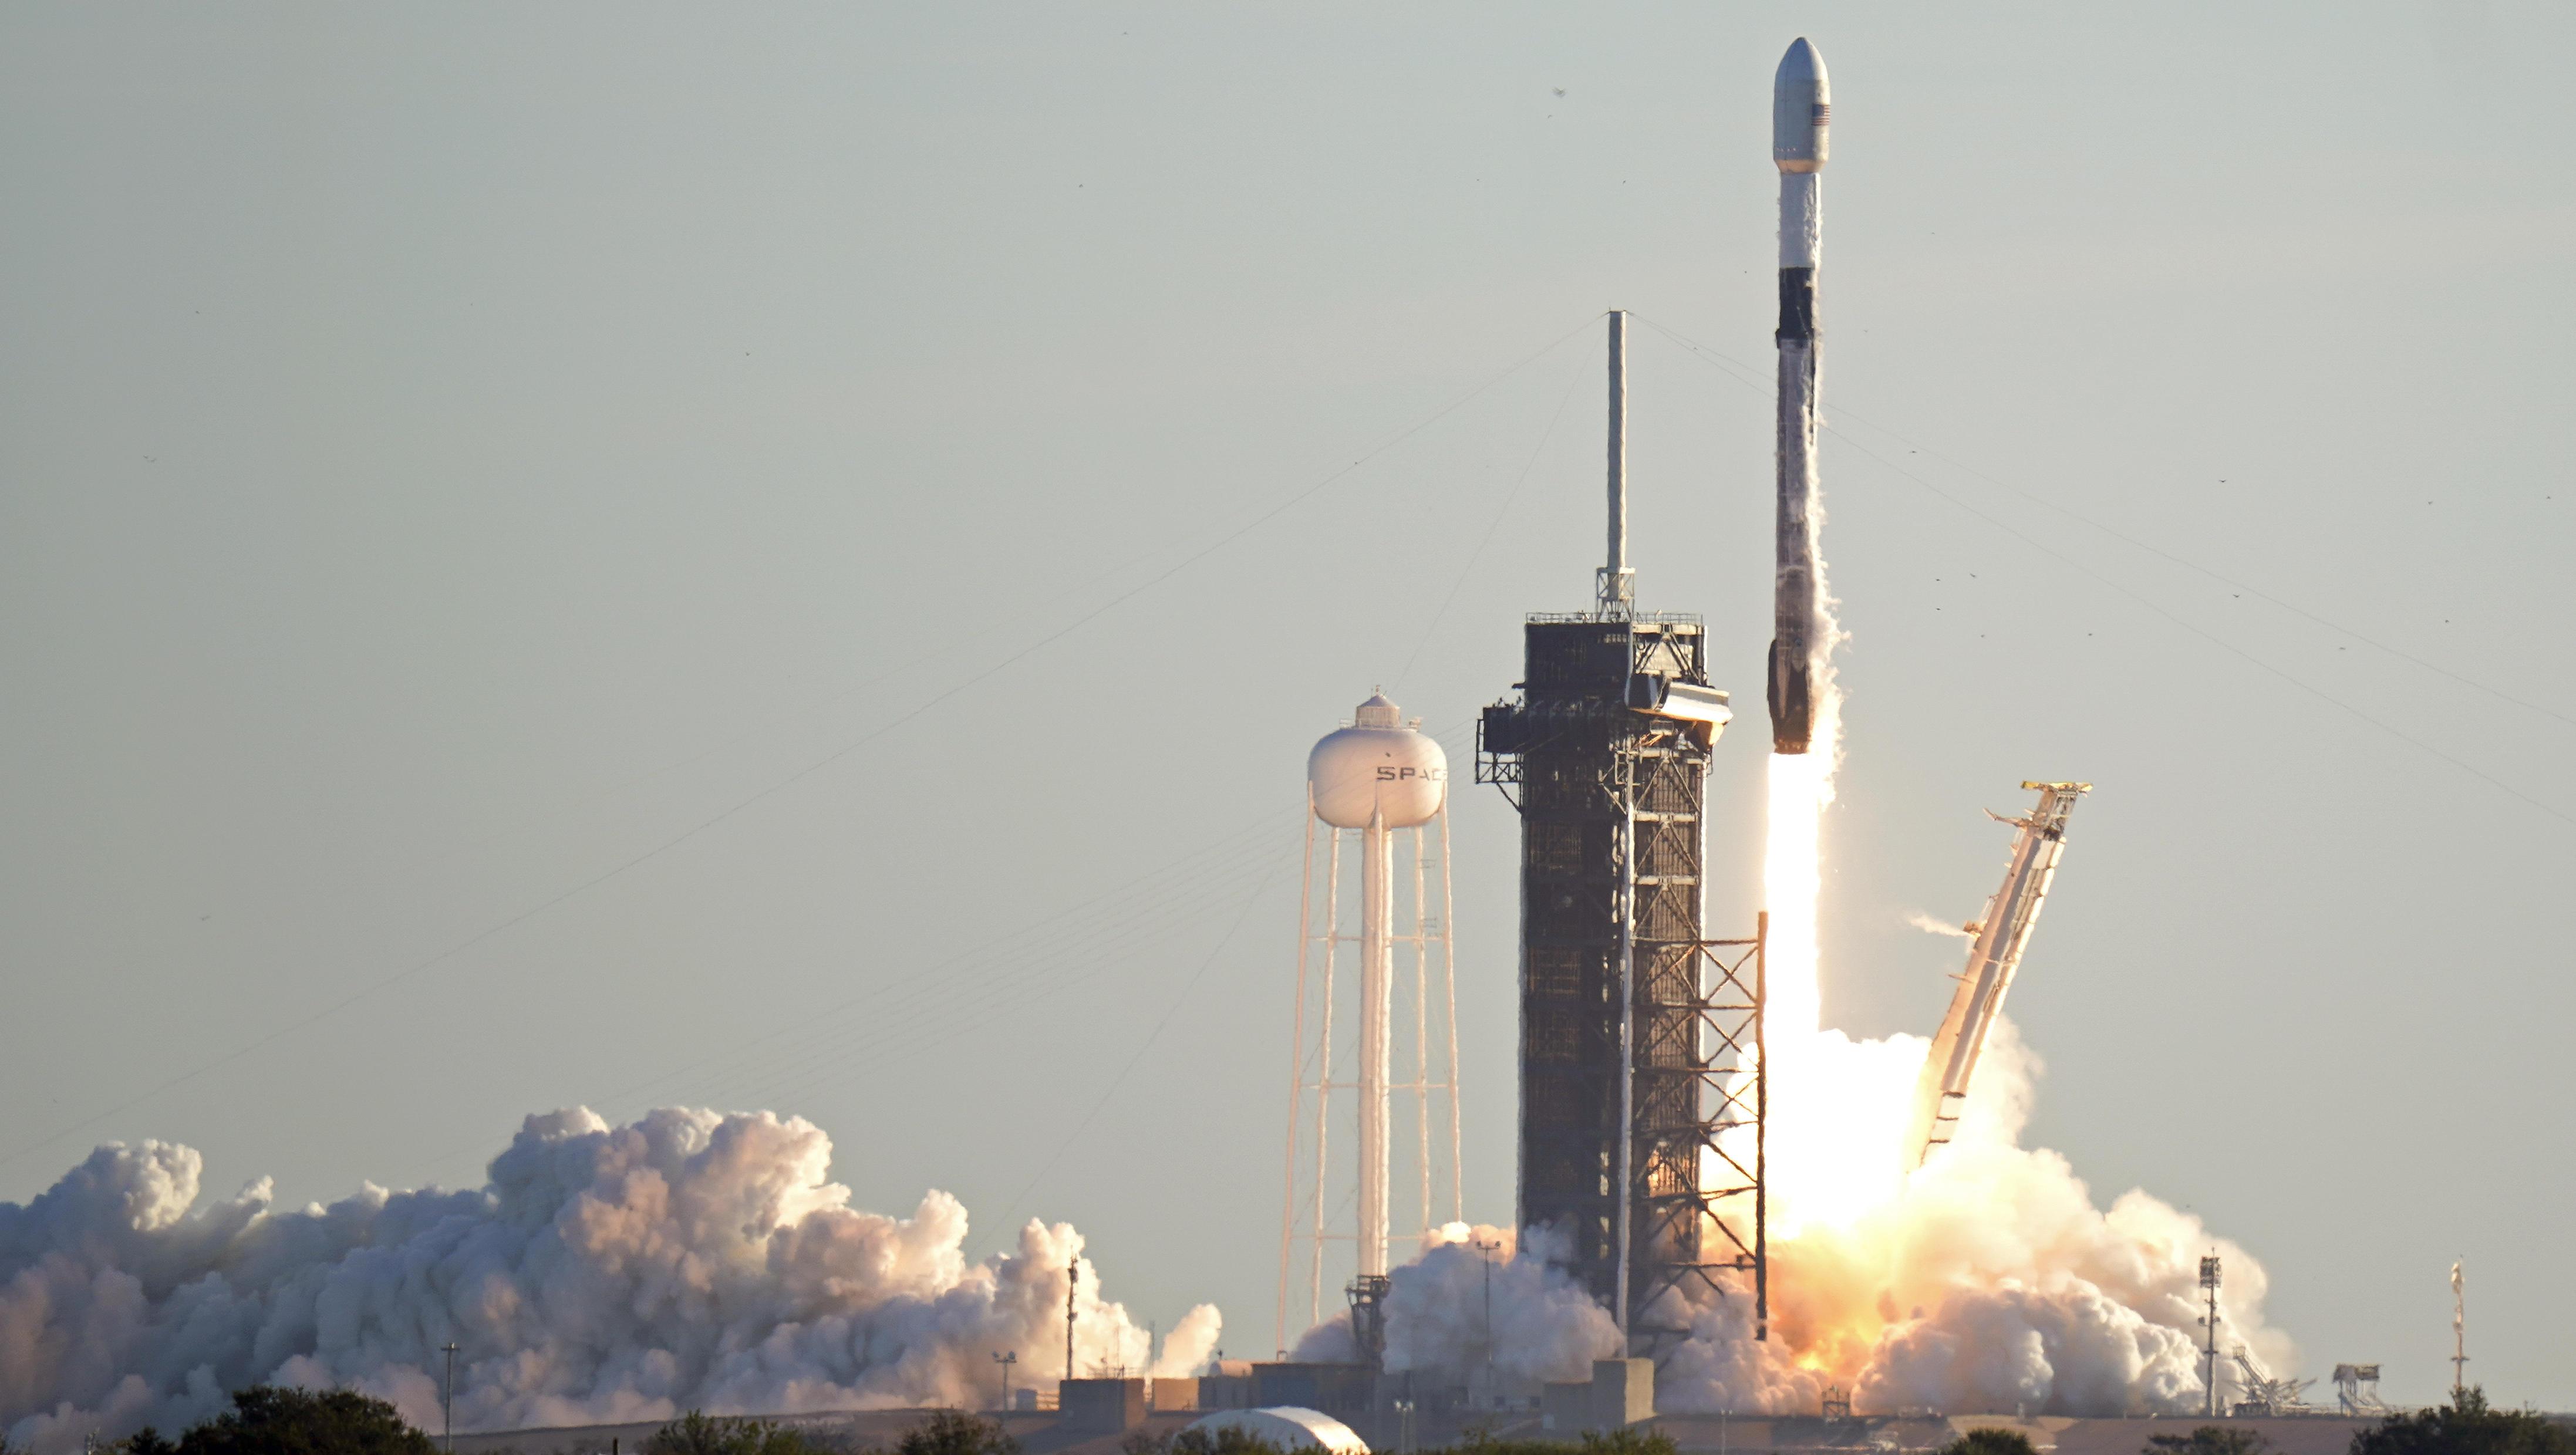 Firmen von Elon Musk und Jeff Bezos streiten um Satelliten-Umlaufbahnen